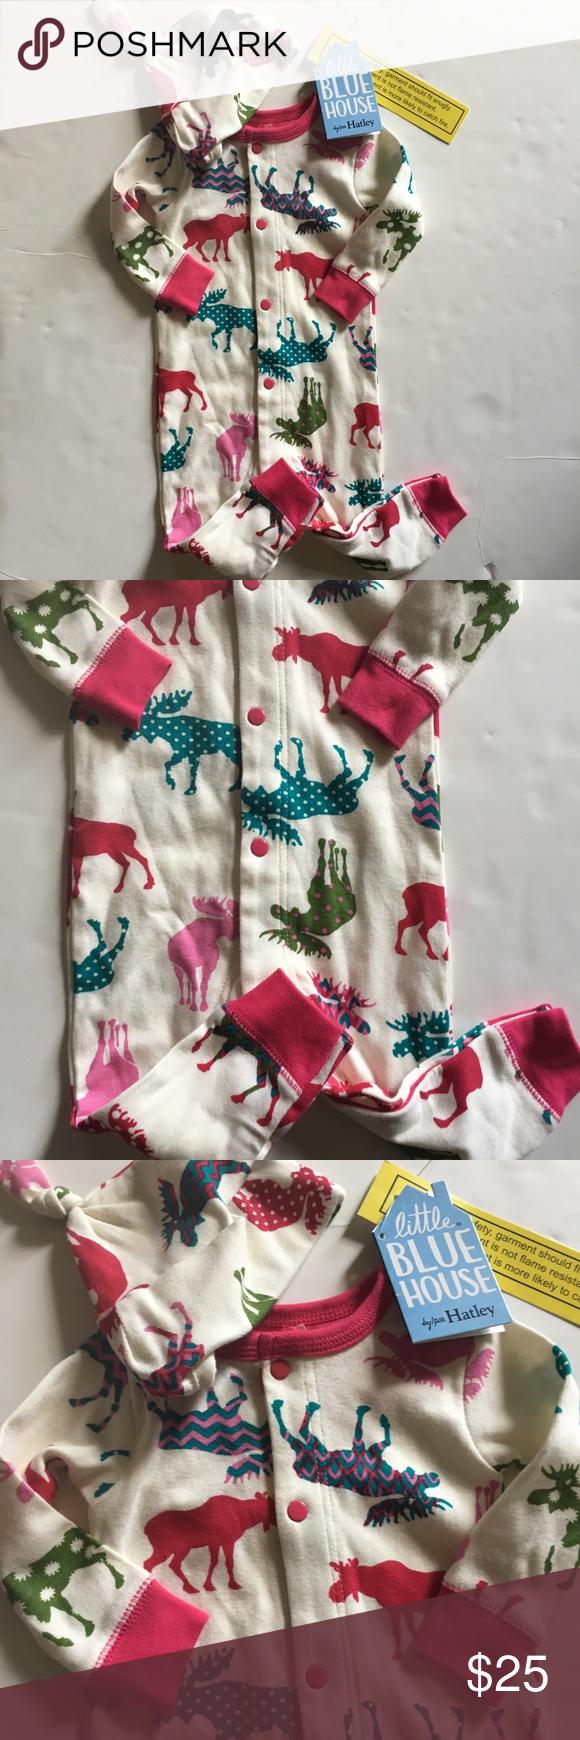 Hatley Moose Sleeper NWT Hatley, Hatley pajamas, Holiday